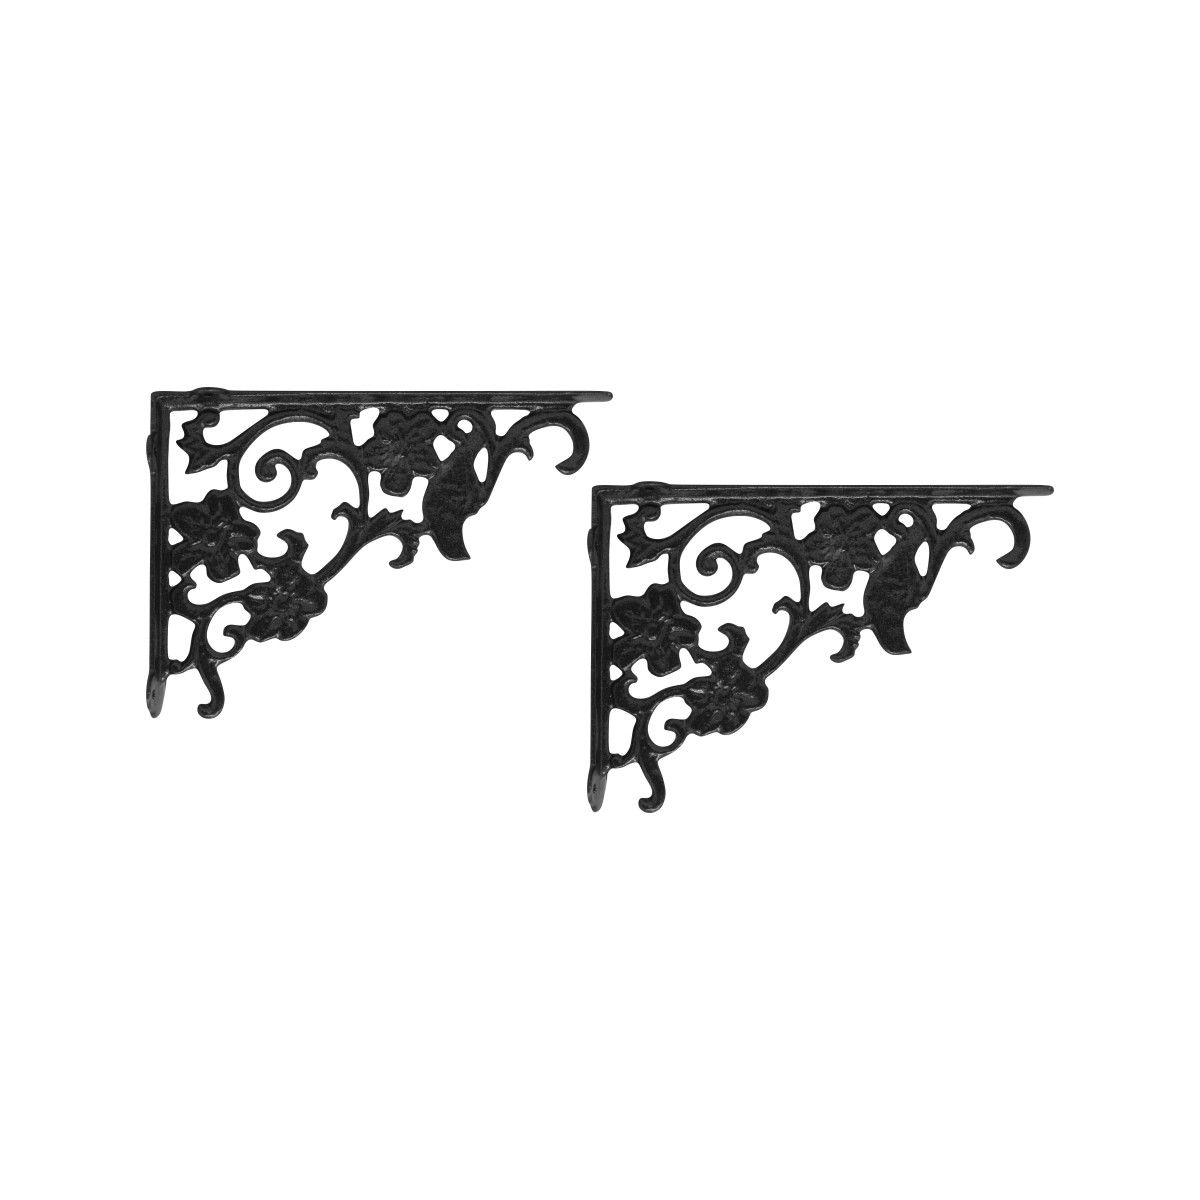 Suporte de Parede Mão Francesa Tropical 18cm x 25cm em Alumínio Fundido Preto